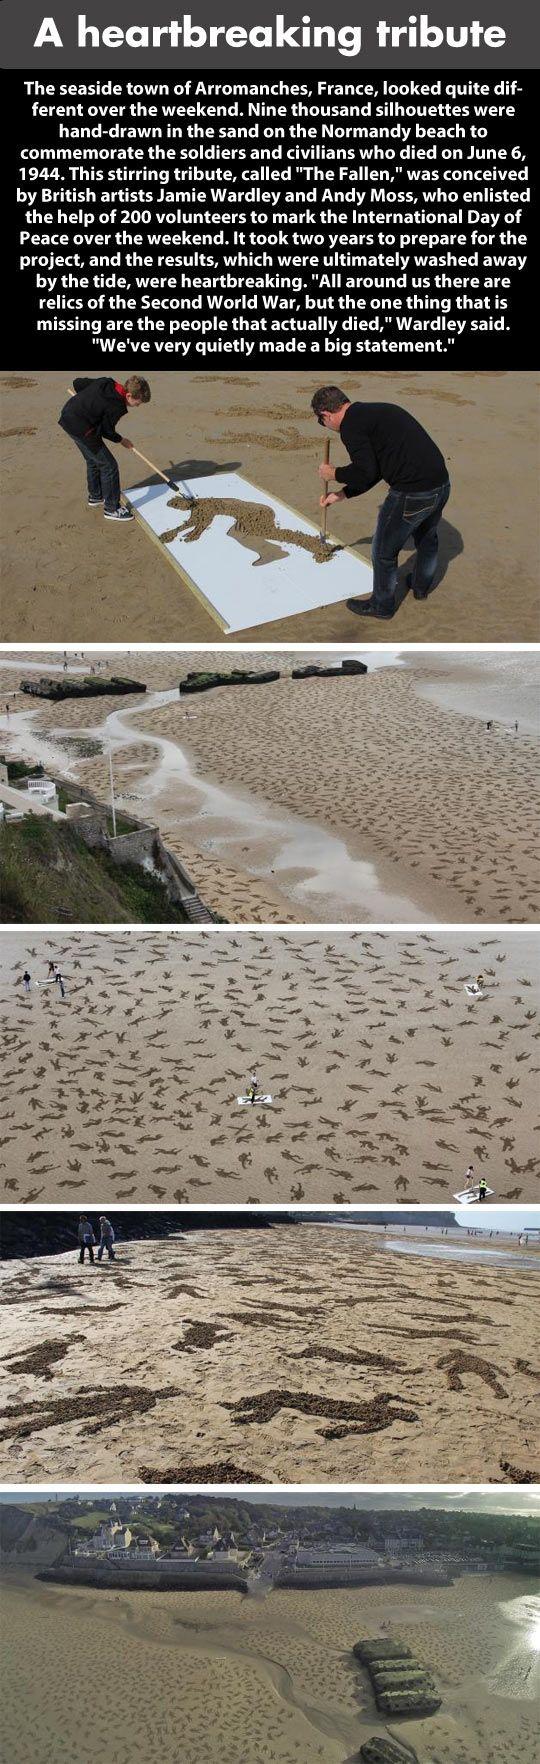 artistas británicos Jamie Wardley y Andy Moss acompañados de numerosos voluntarios, salieron a las playas de Normandía con rastrillos y las plantillas en la mano para grabar 9.000 siluetas que representan a los caídos en la arena. Titulado The Fallen 9000 , la pieza que se entiende como un recordatorio visual cruda de los civiles, los alemanes y las fuerzas aliadas que murieron durante los desembarcos en la playa del día D en Arromanches el 6 de junio, 1944, durante la Segunda Guerra…